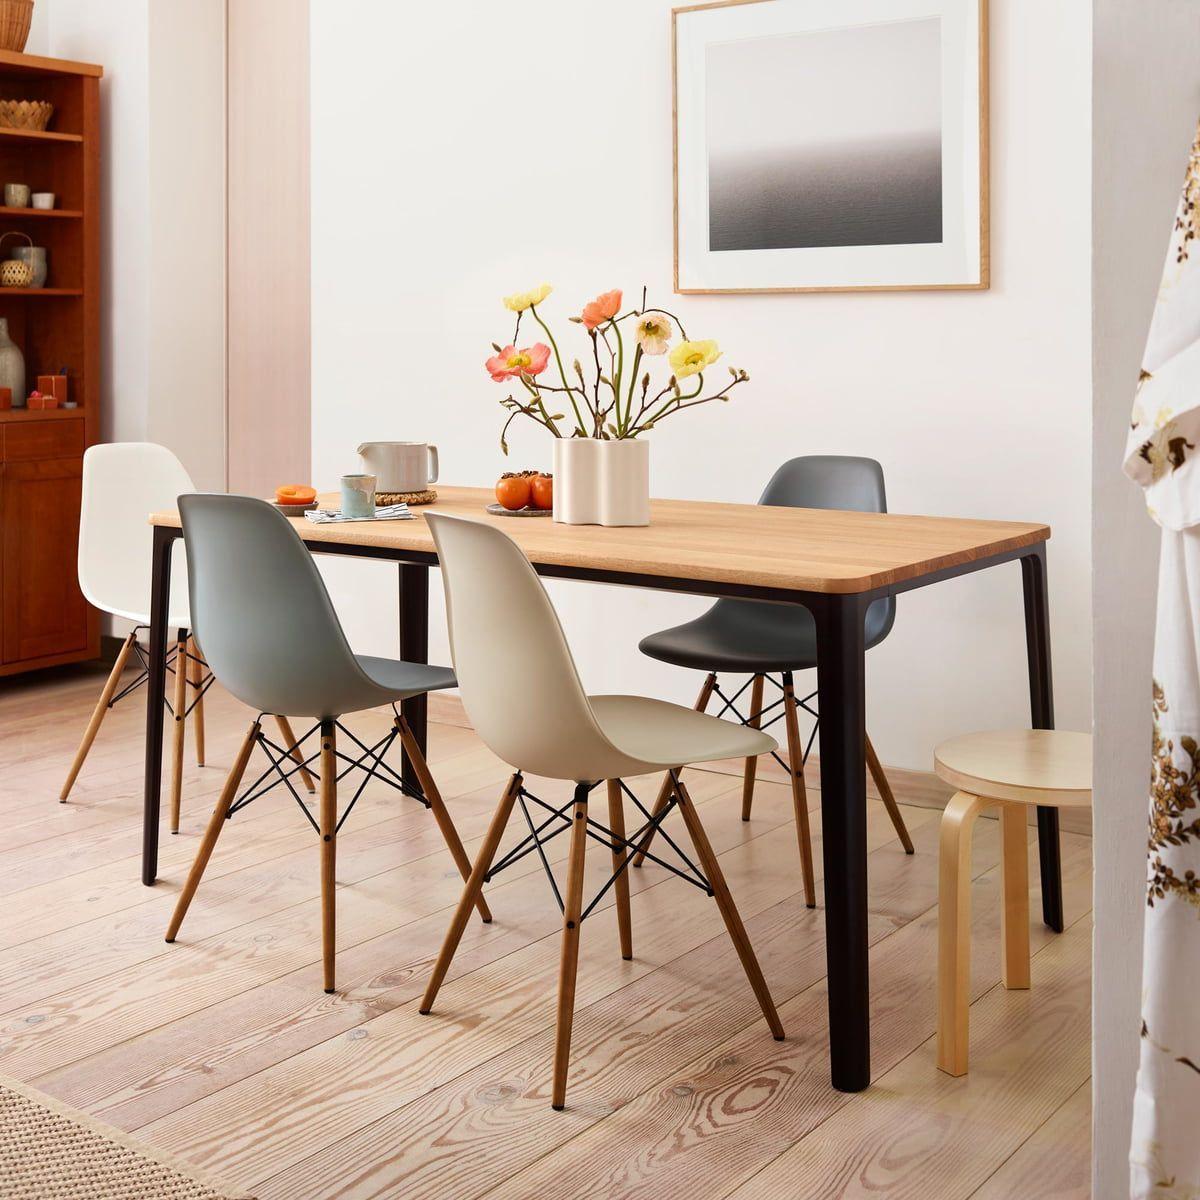 Vitra Aktionsset Eames Plastic Aspect Chair Dsw 4 Er Set Ahorn Gelblich Weiss Filzgleite In 2020 Eames Dining Chair Eames Chair Dining Room Eames Dining